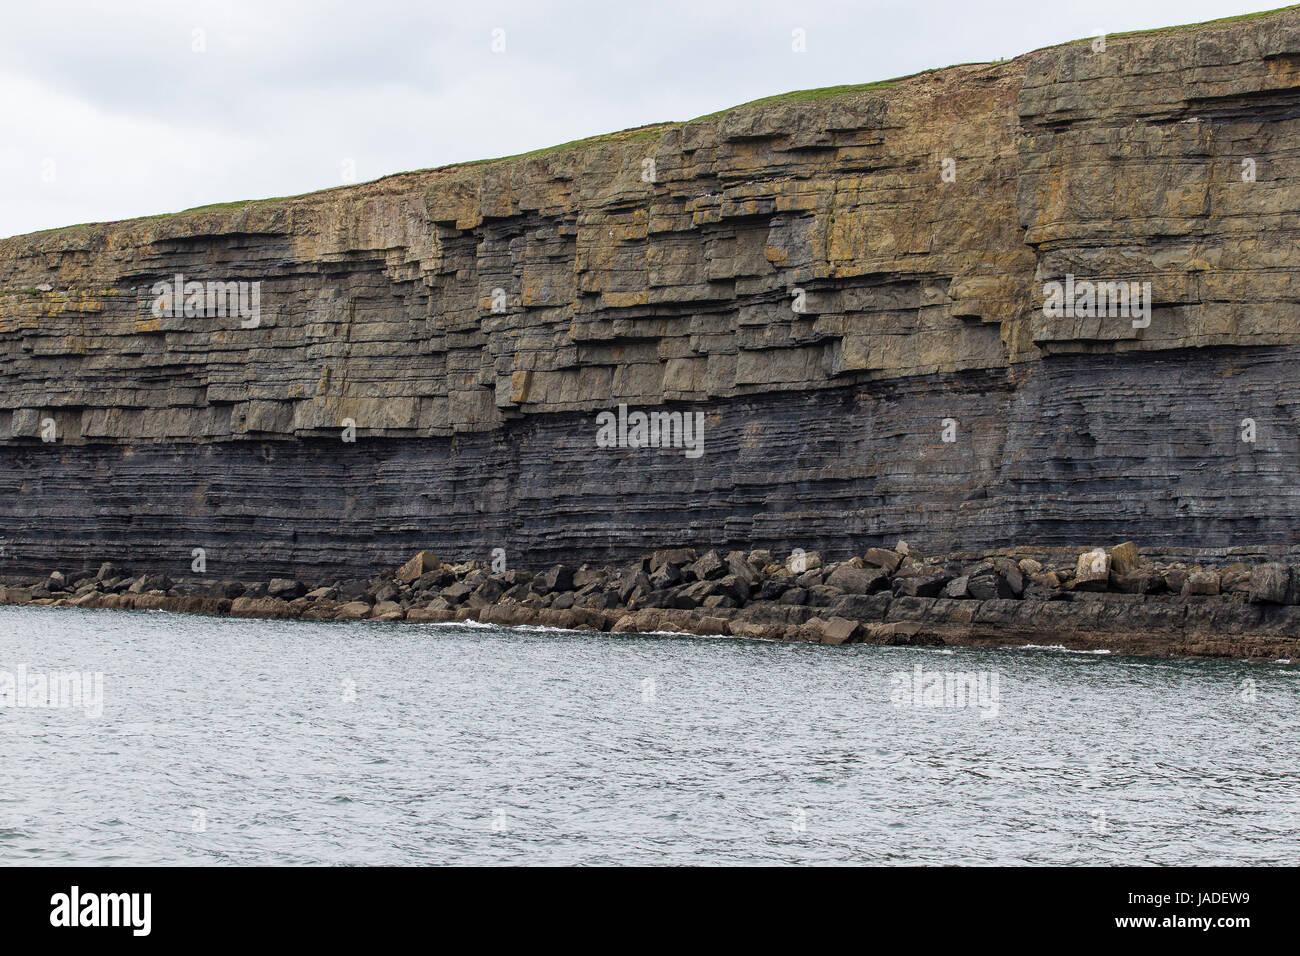 Uferlandschaft am Uebergang des Flusses Shannon ind den Atlantik, County Clare, Irland Stock Photo